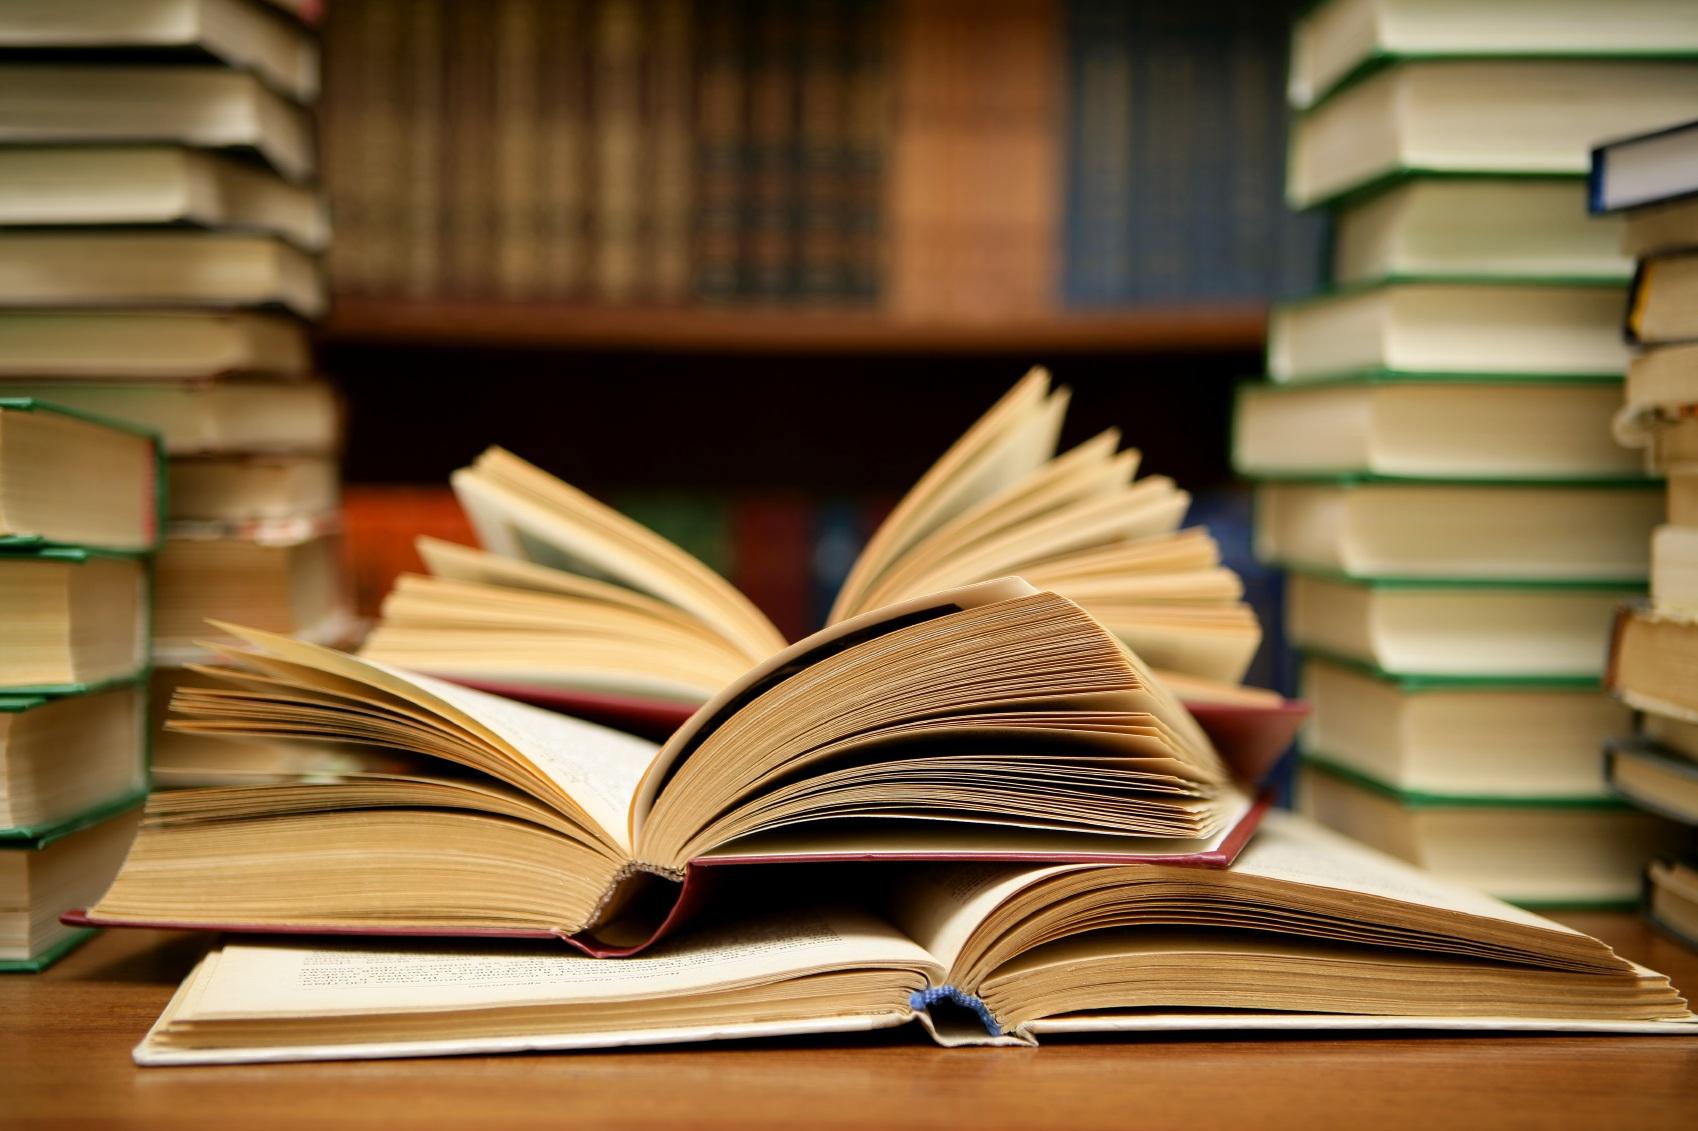 études études Les études et liberté financière : compatibles, complémentaires ? imagescientifique